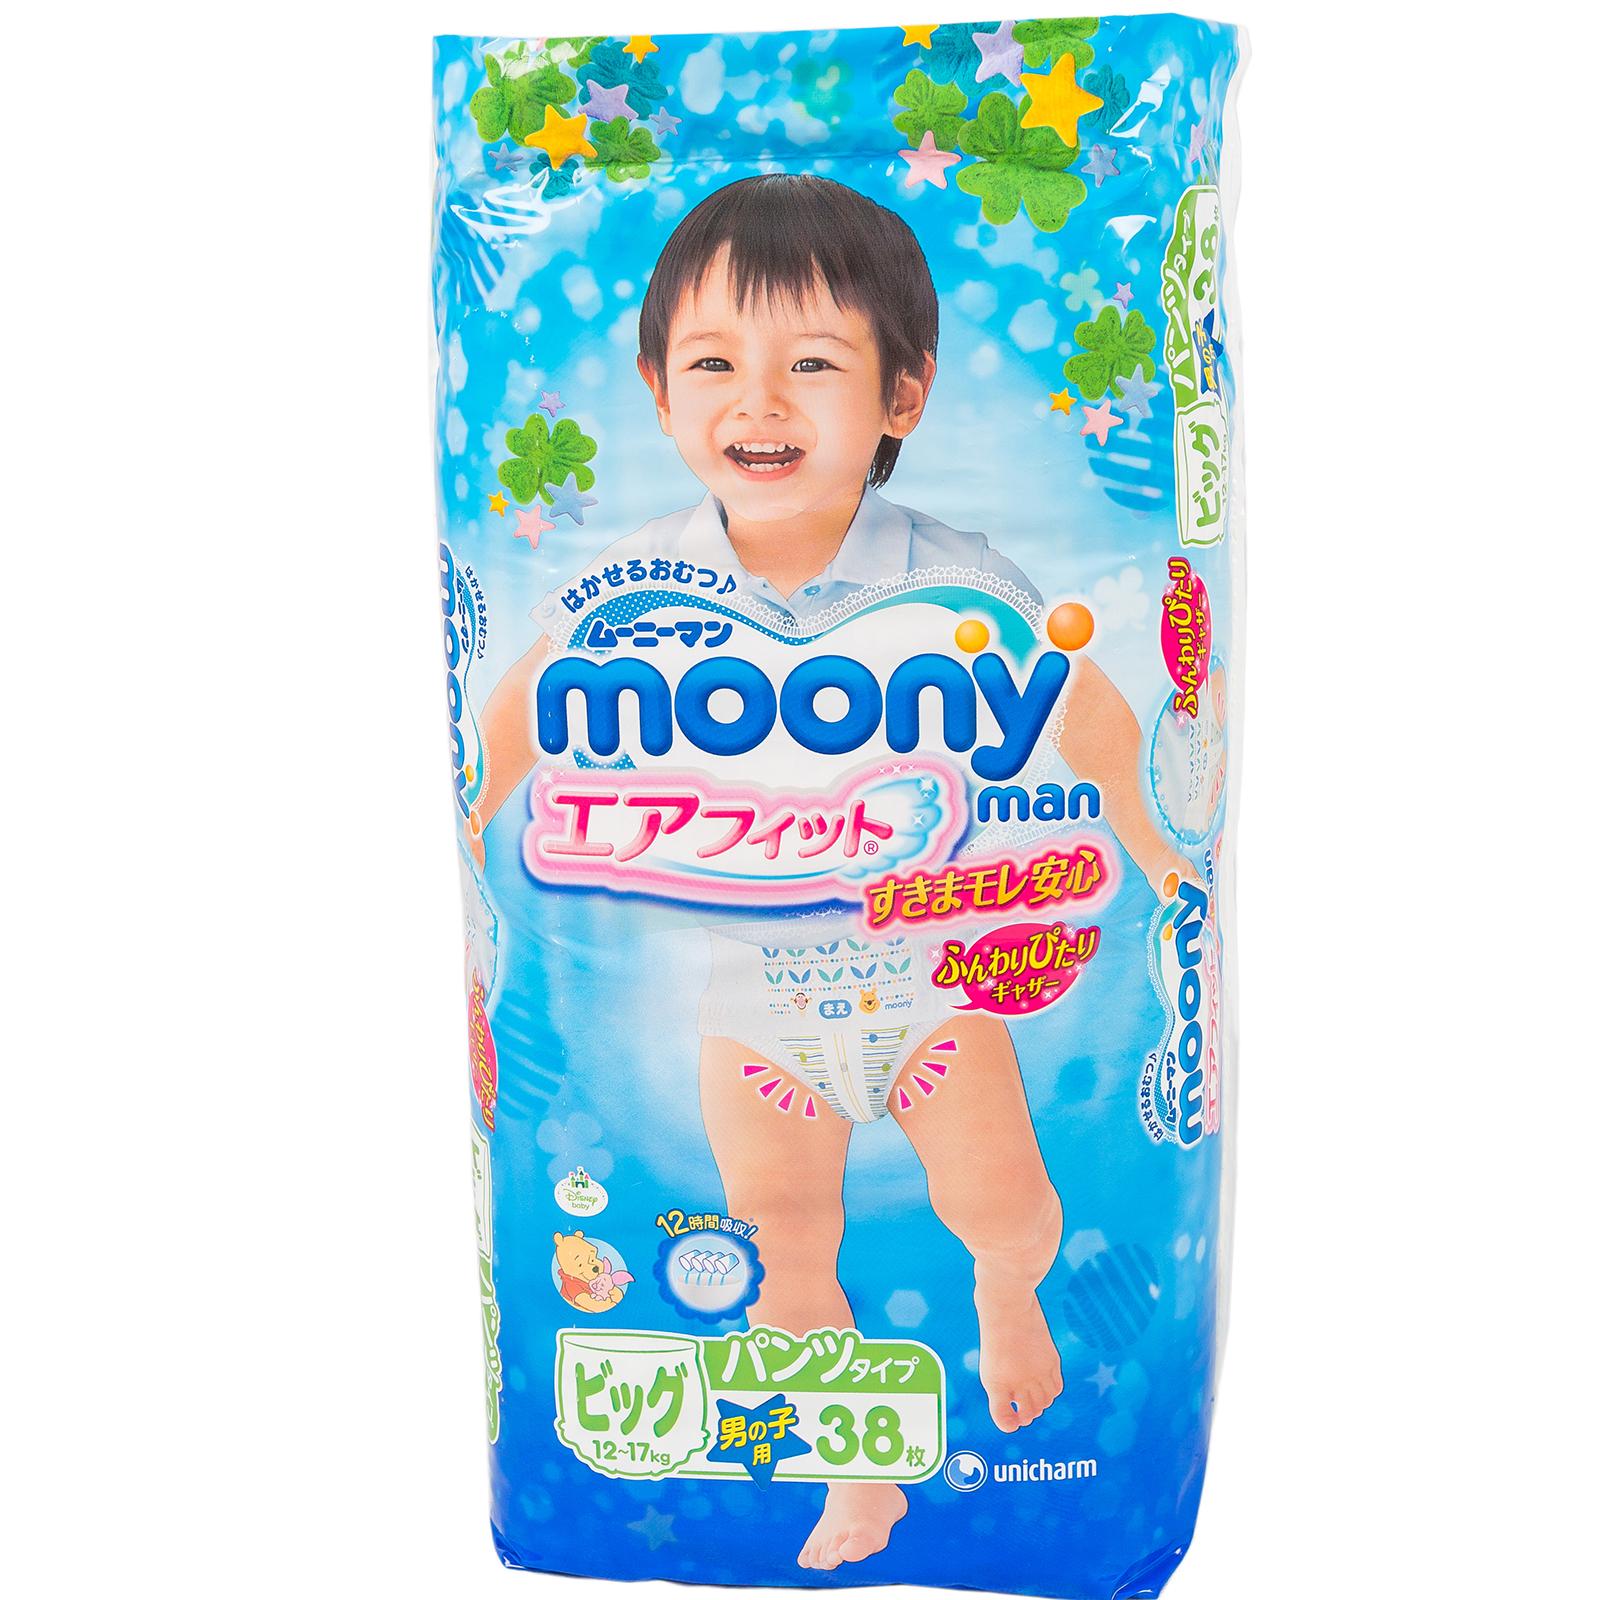 ������� Moony ��� ��������� 12-17 �� (38 ��) ������ BIG